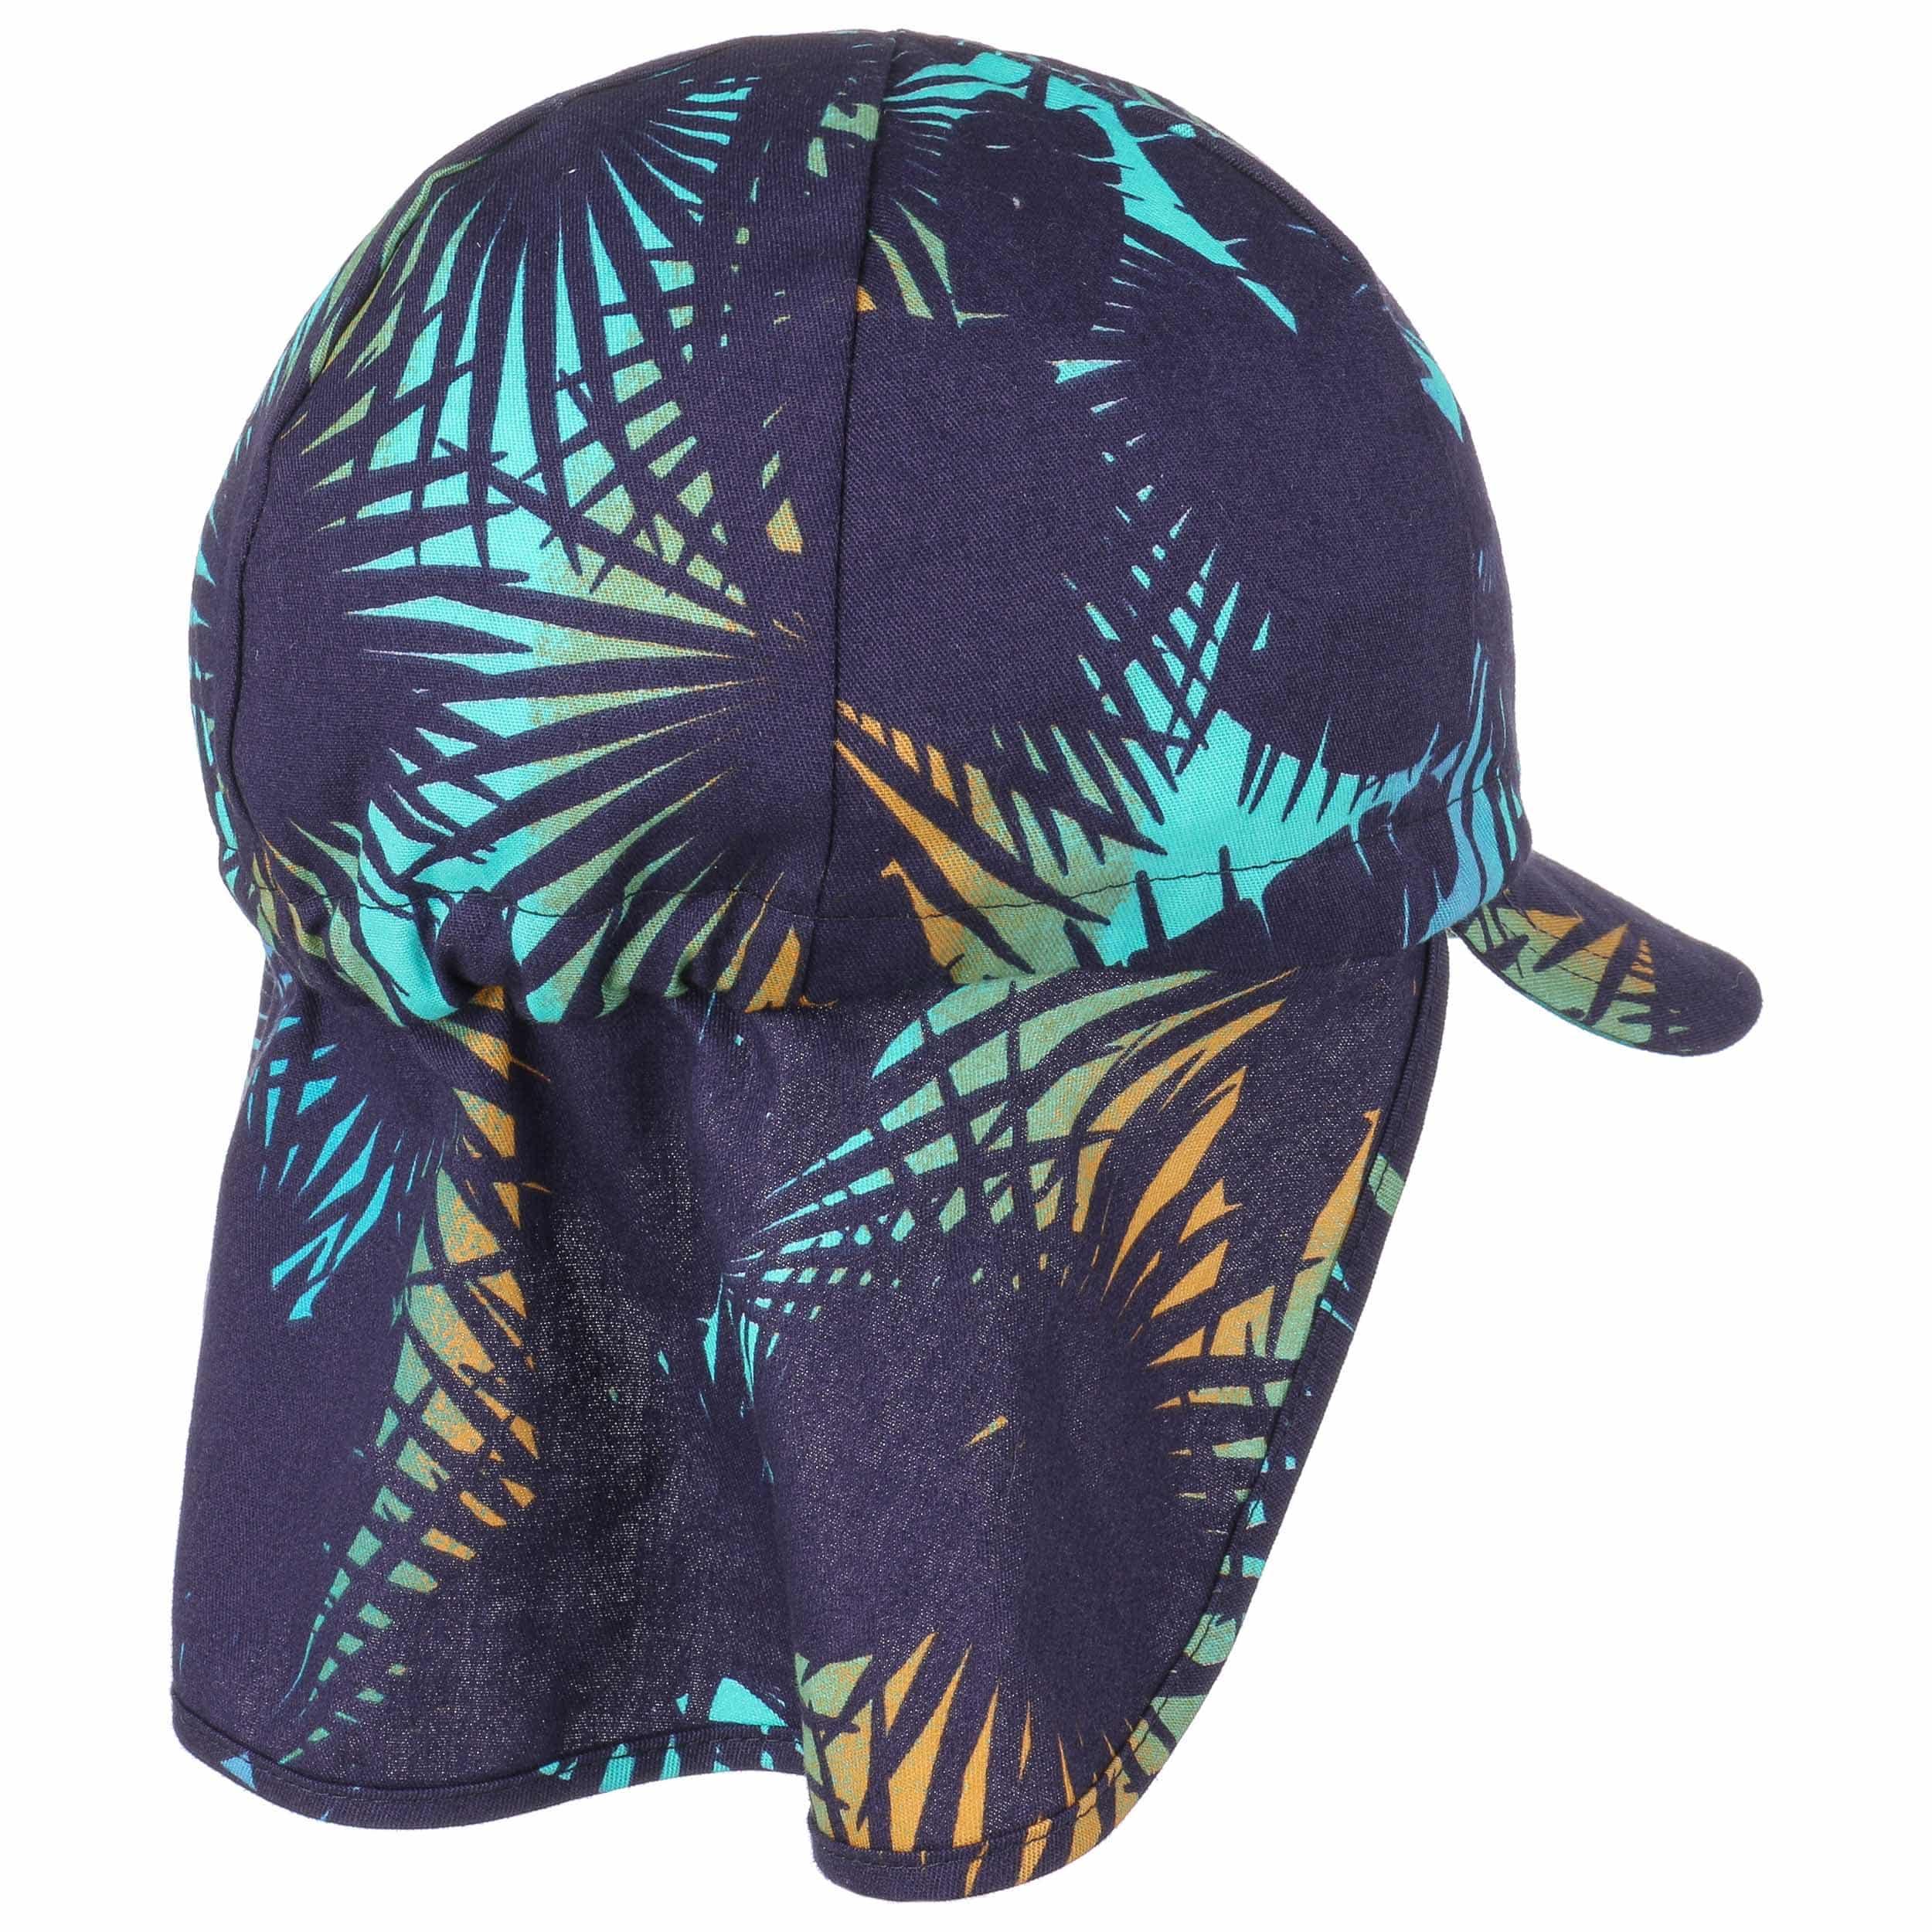 ... Cappellino Bambino Palma Anti UV by Döll - blu scuro 2 ... 0cb3e6839adb